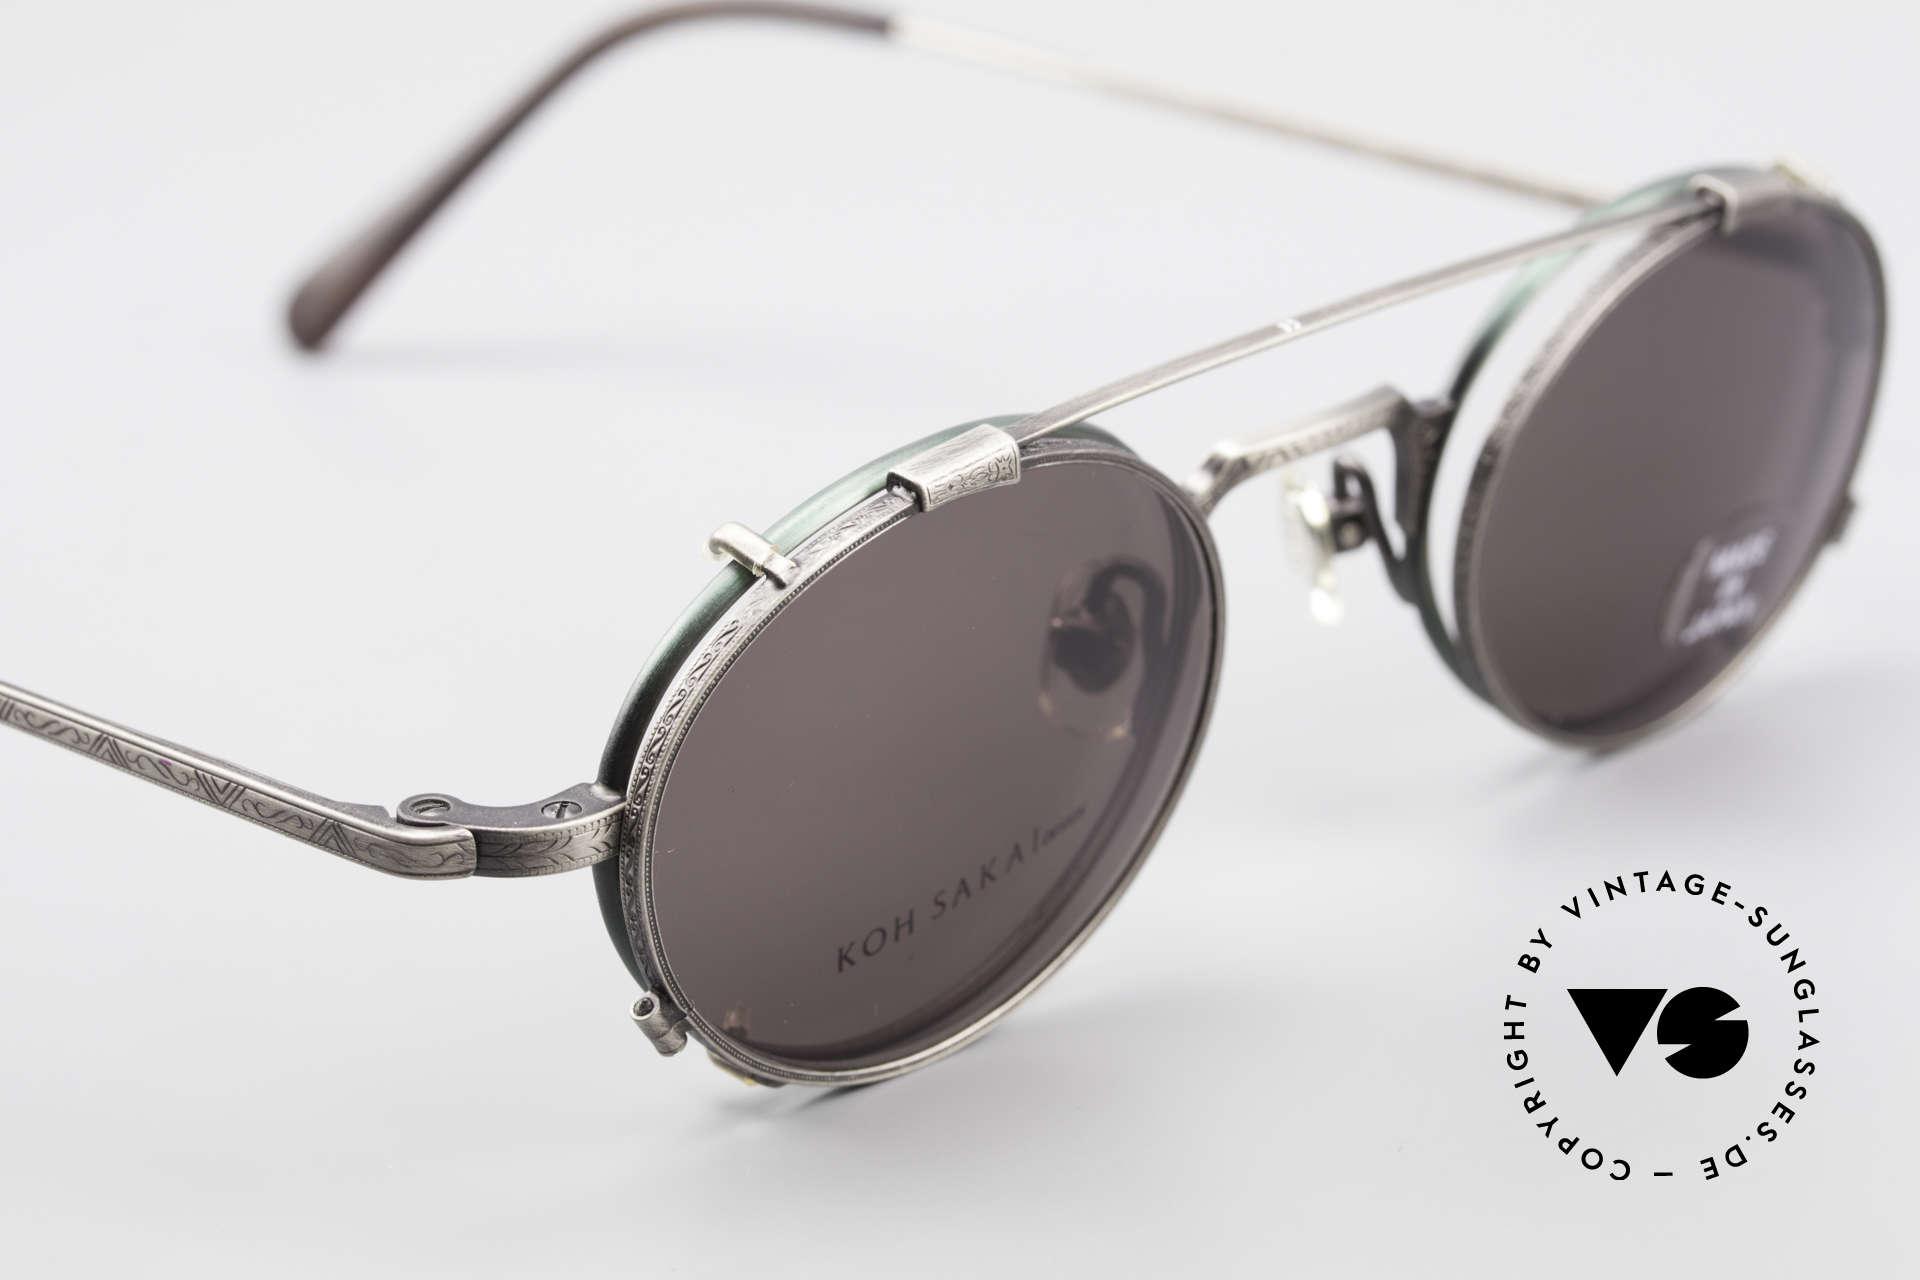 Koh Sakai KS9301 90s Oliver Peoples Eyevan Style, unworn, NOS (like all our old L.A.+ Sabae eyeglasses), Made for Men